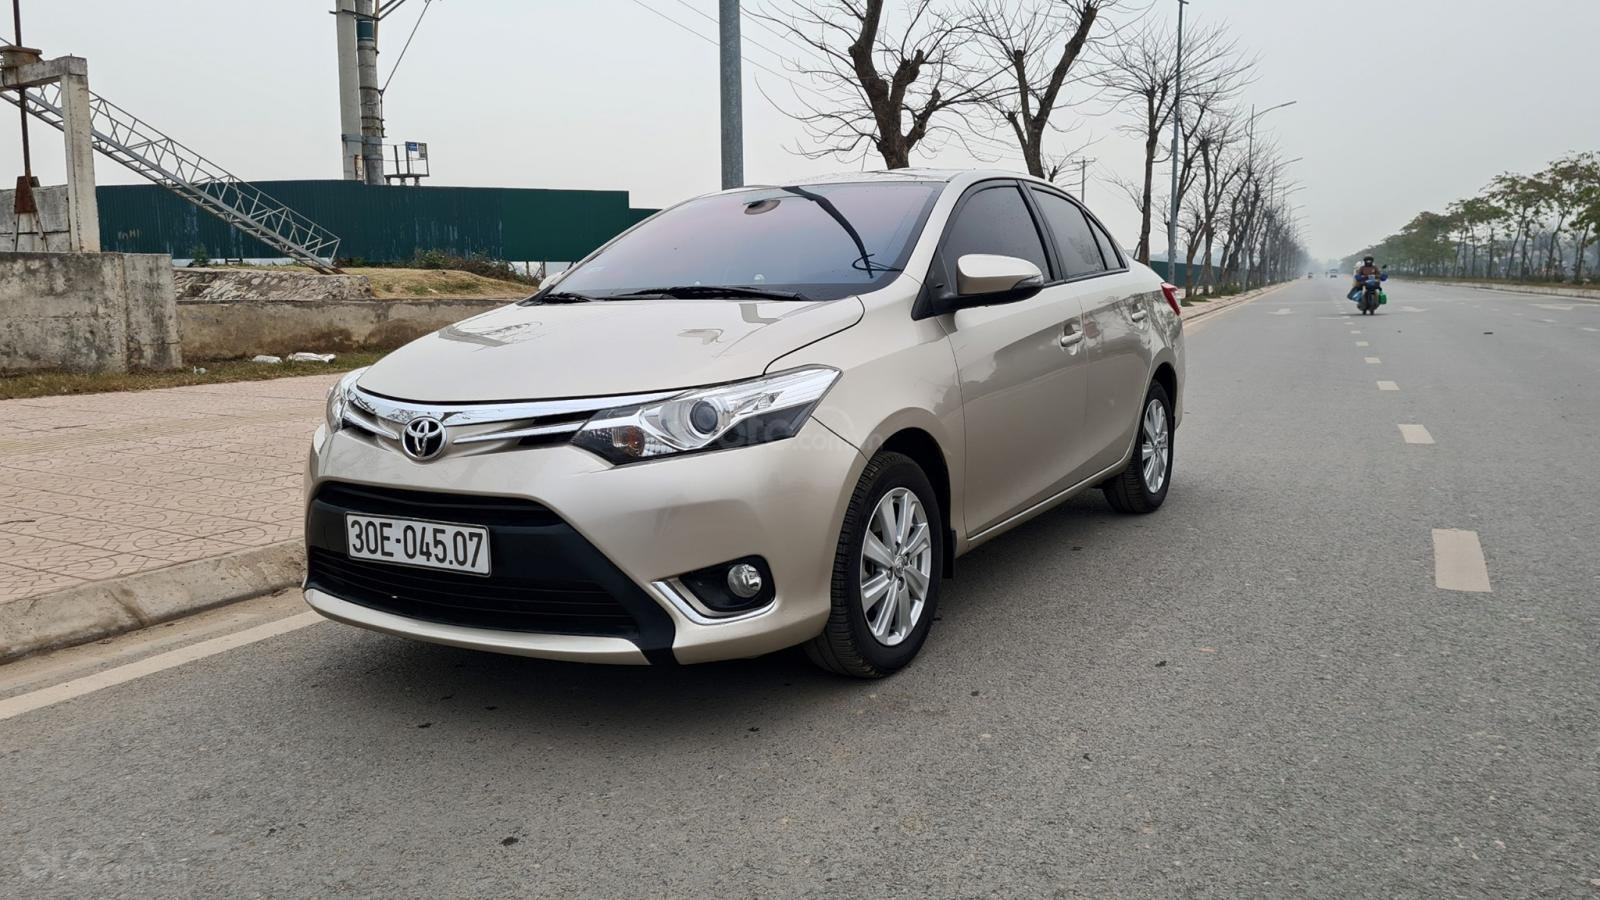 Bán xe giá ưu đãi chiếc Toyota Vios 1.5G đời 2016 (3)